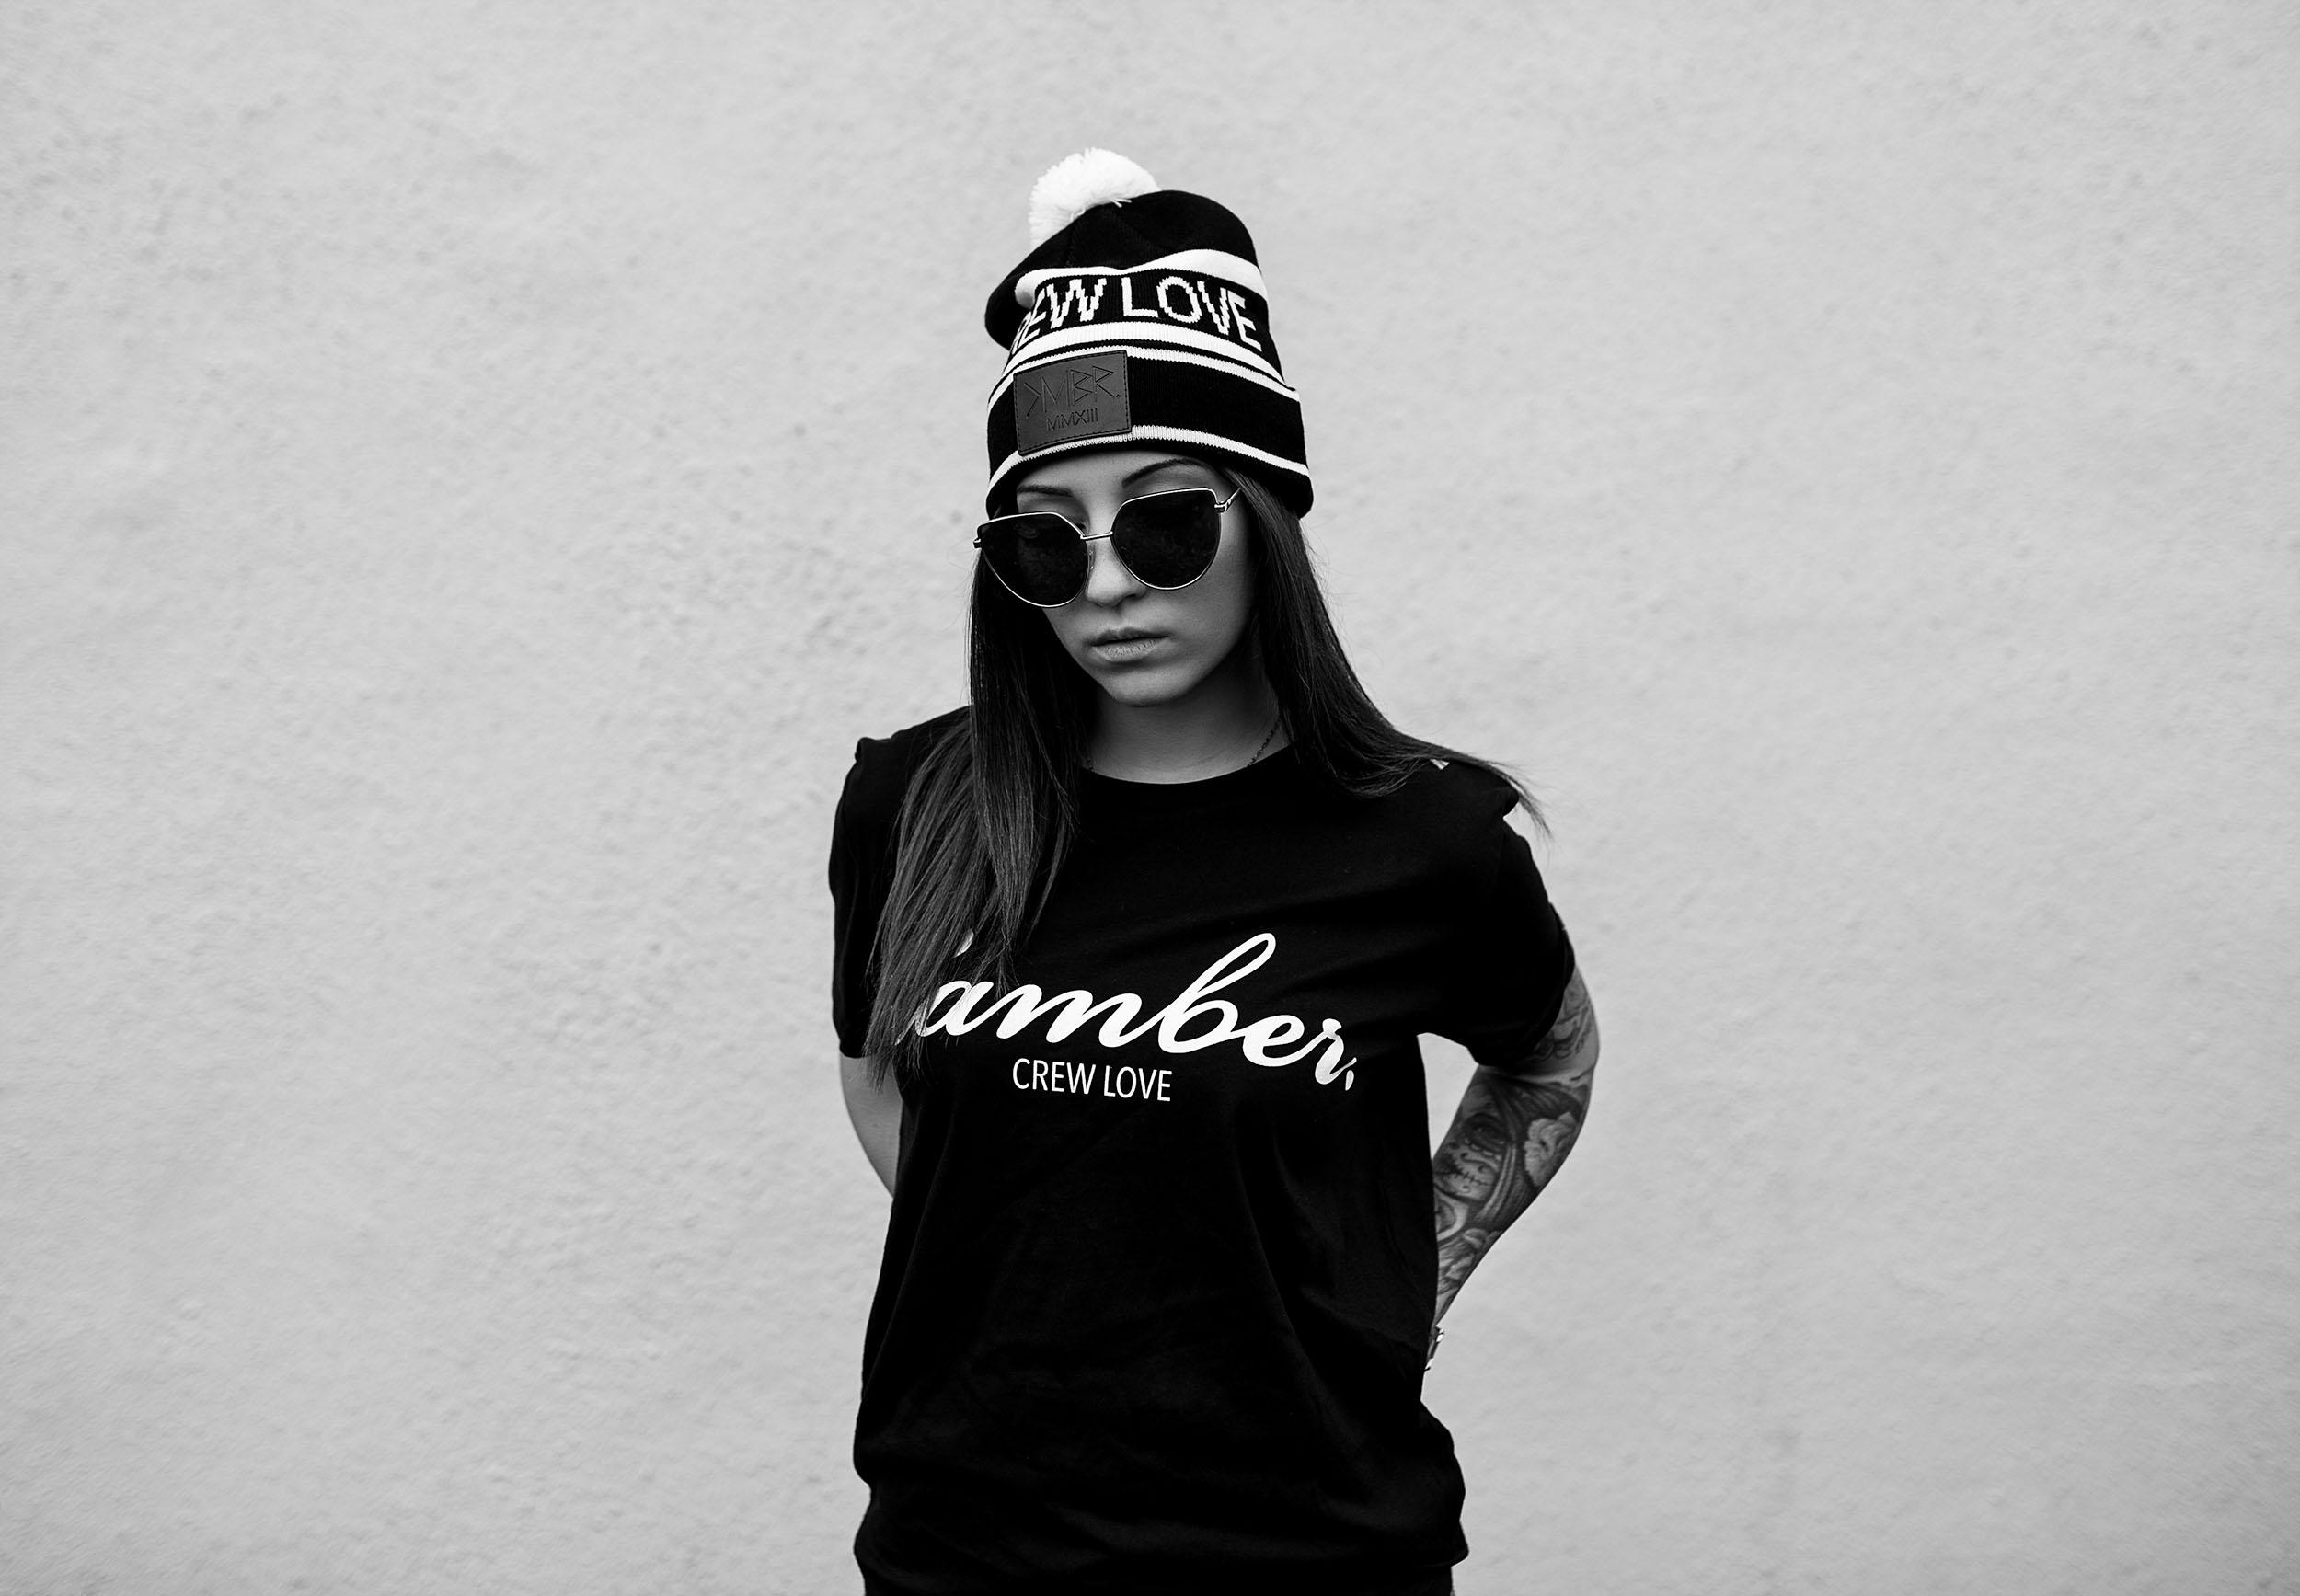 Vivi Camber brand reklám foto 9